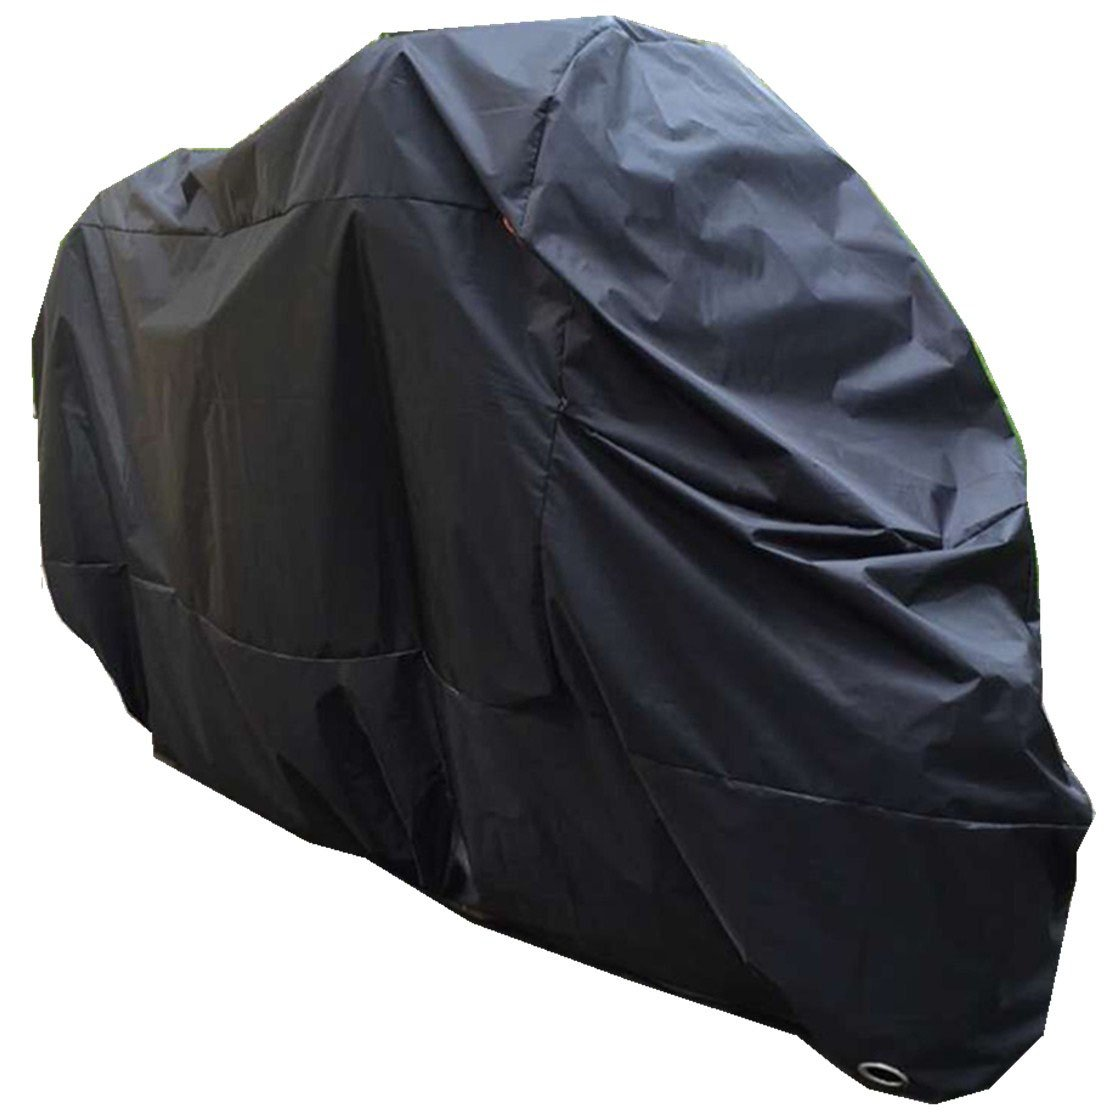 Motorbike Motorcycle Cover Waterproof Scooter Cover Heavy Duty Indoor Outdoor 210D XXL Black